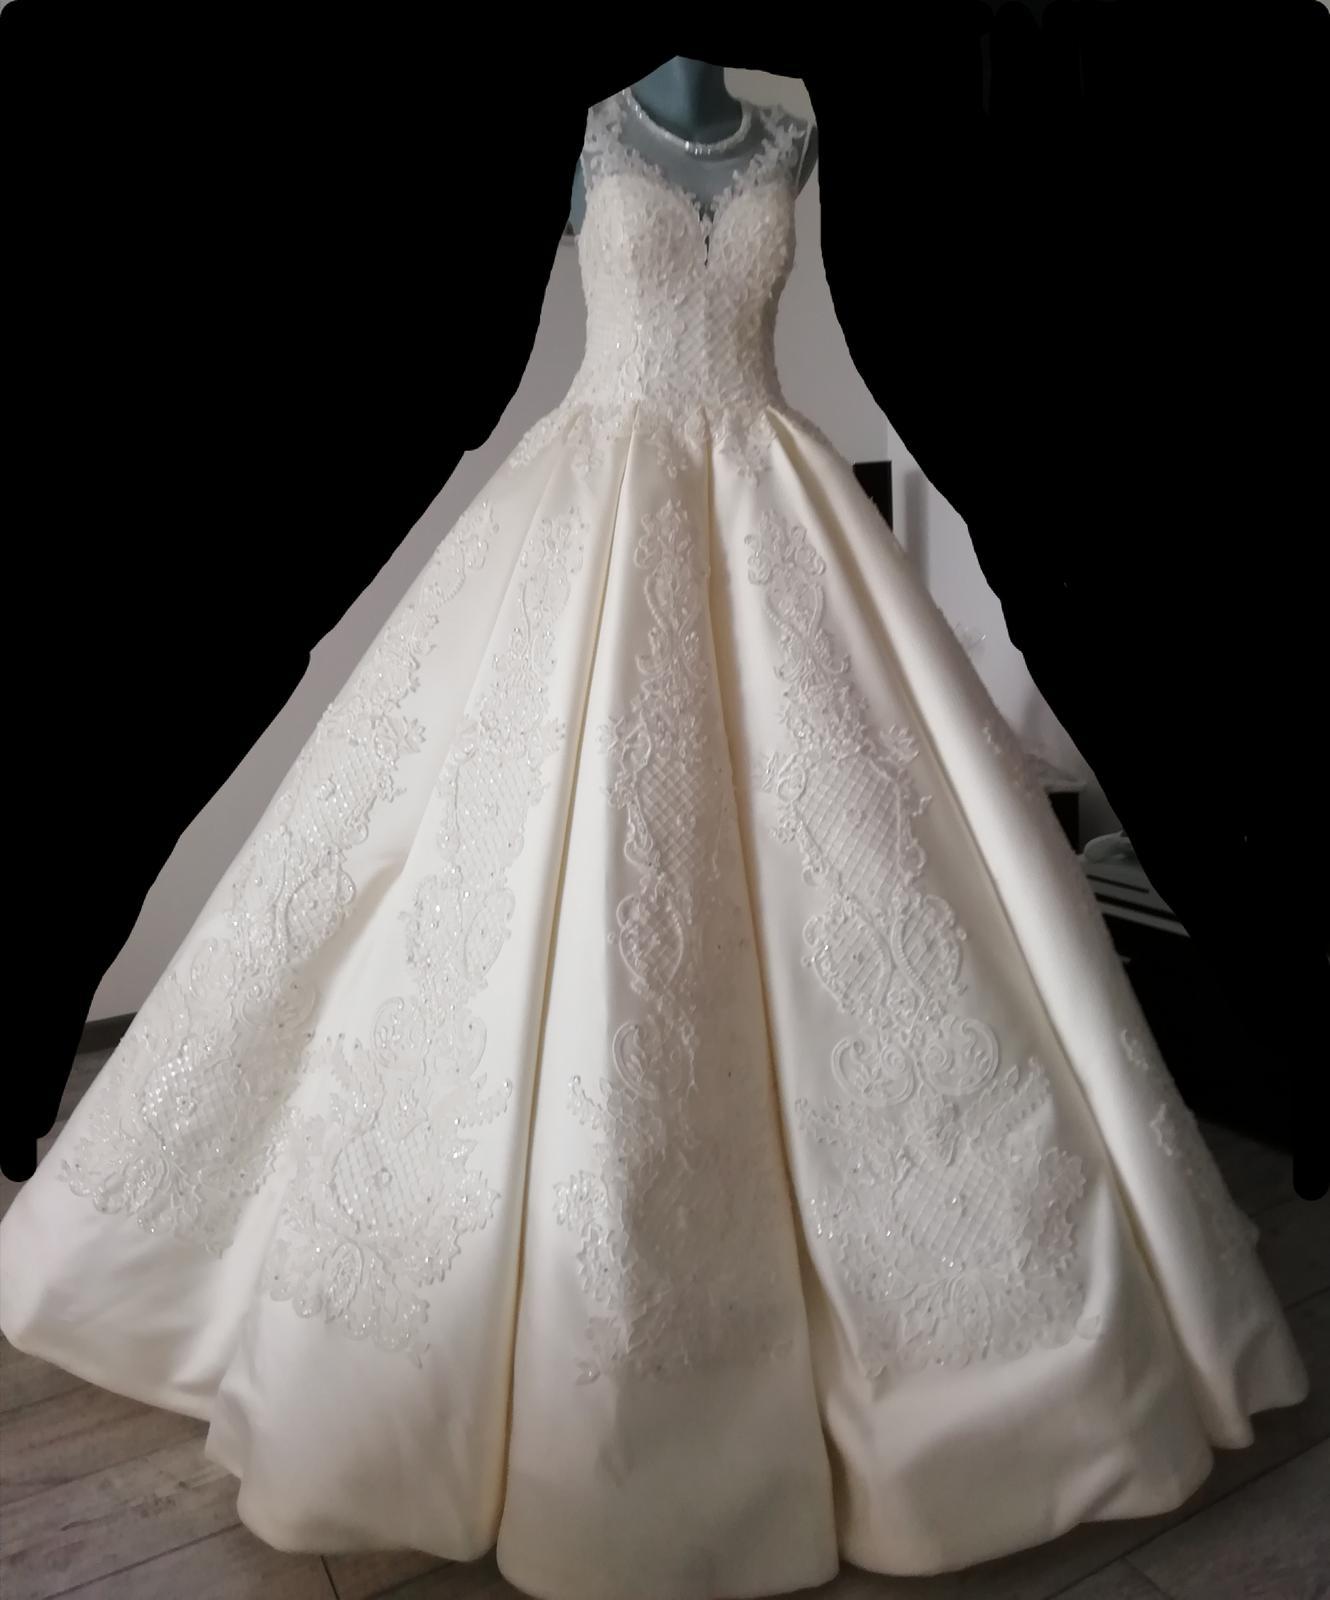 Kráľovské svadobné šaty - Obrázok č. 3